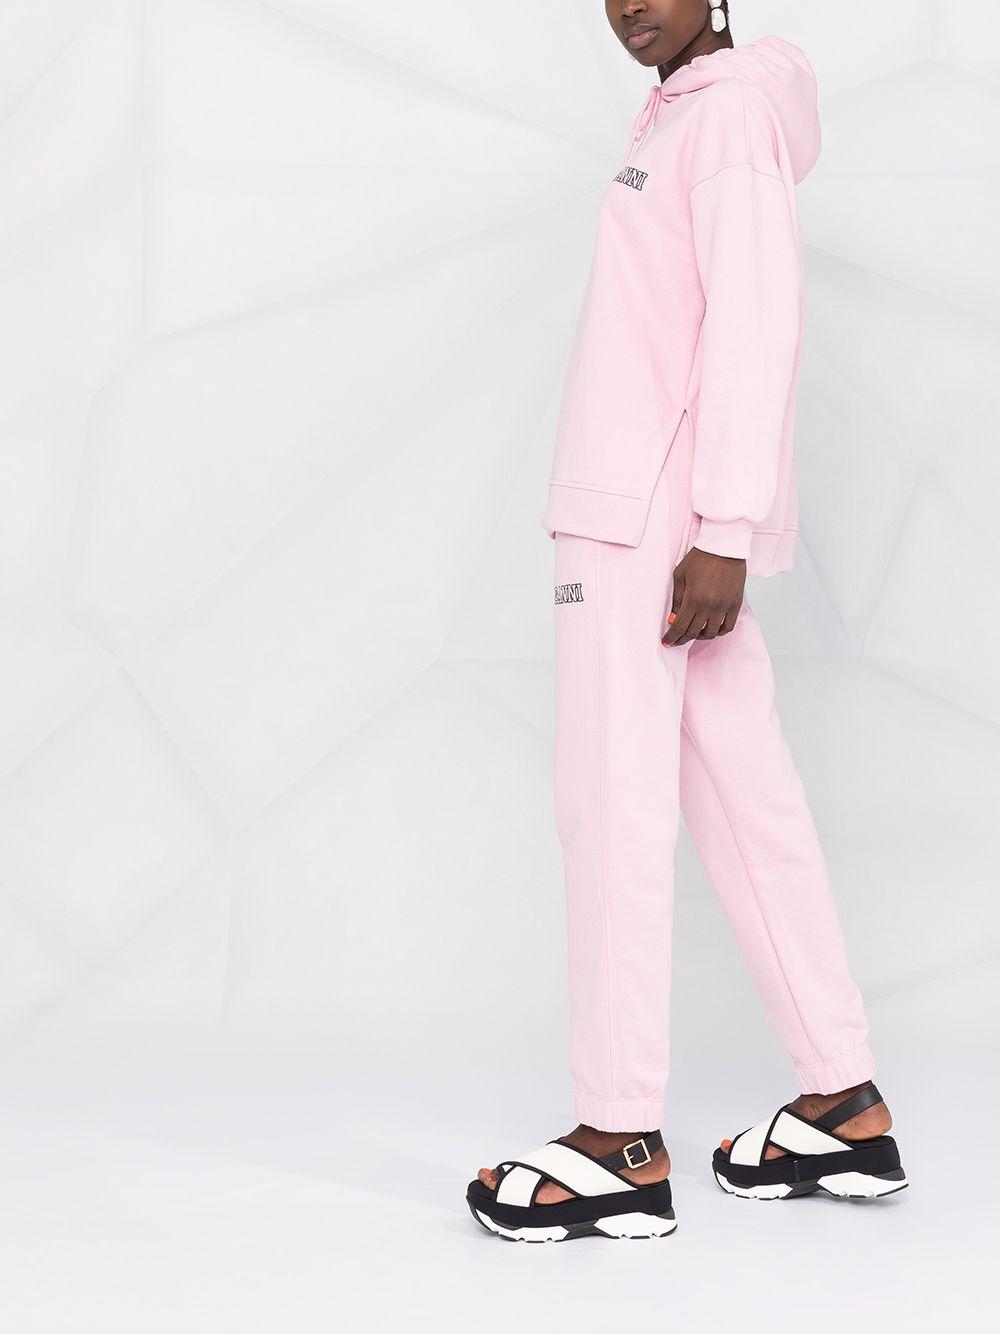 pantaloni sportivi affusolati rosa in cotone organico riciclato GANNI   Pantaloni   T2925465